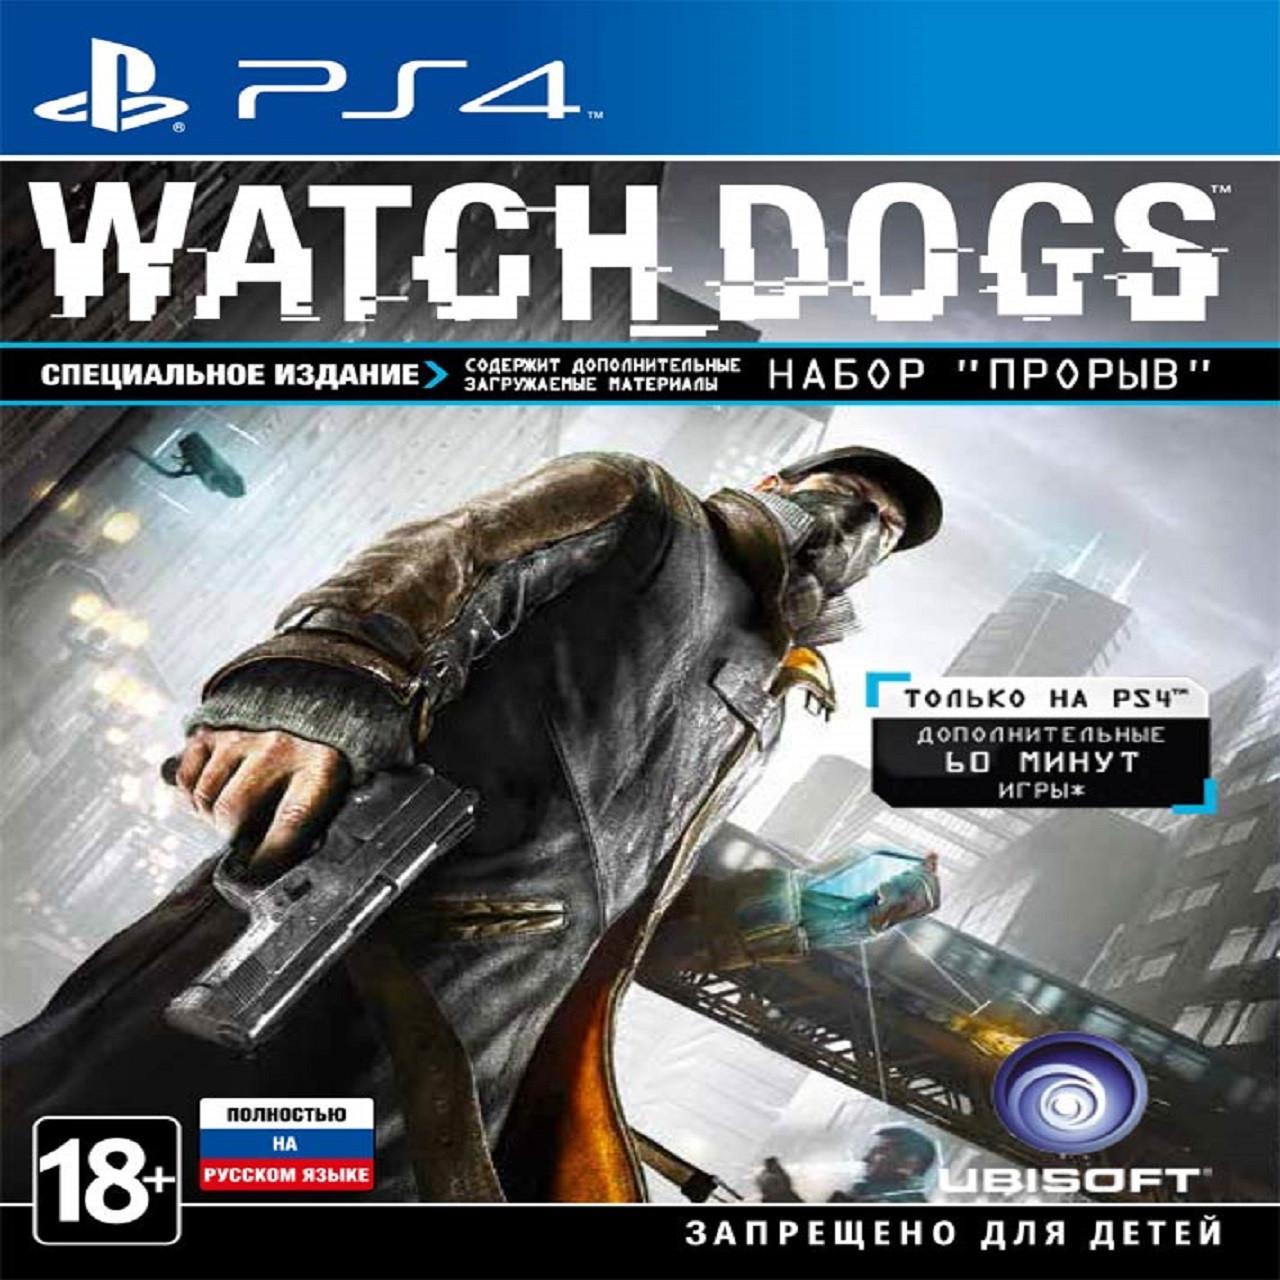 Watch Dogs (російська версія) PS4 (Б/В)